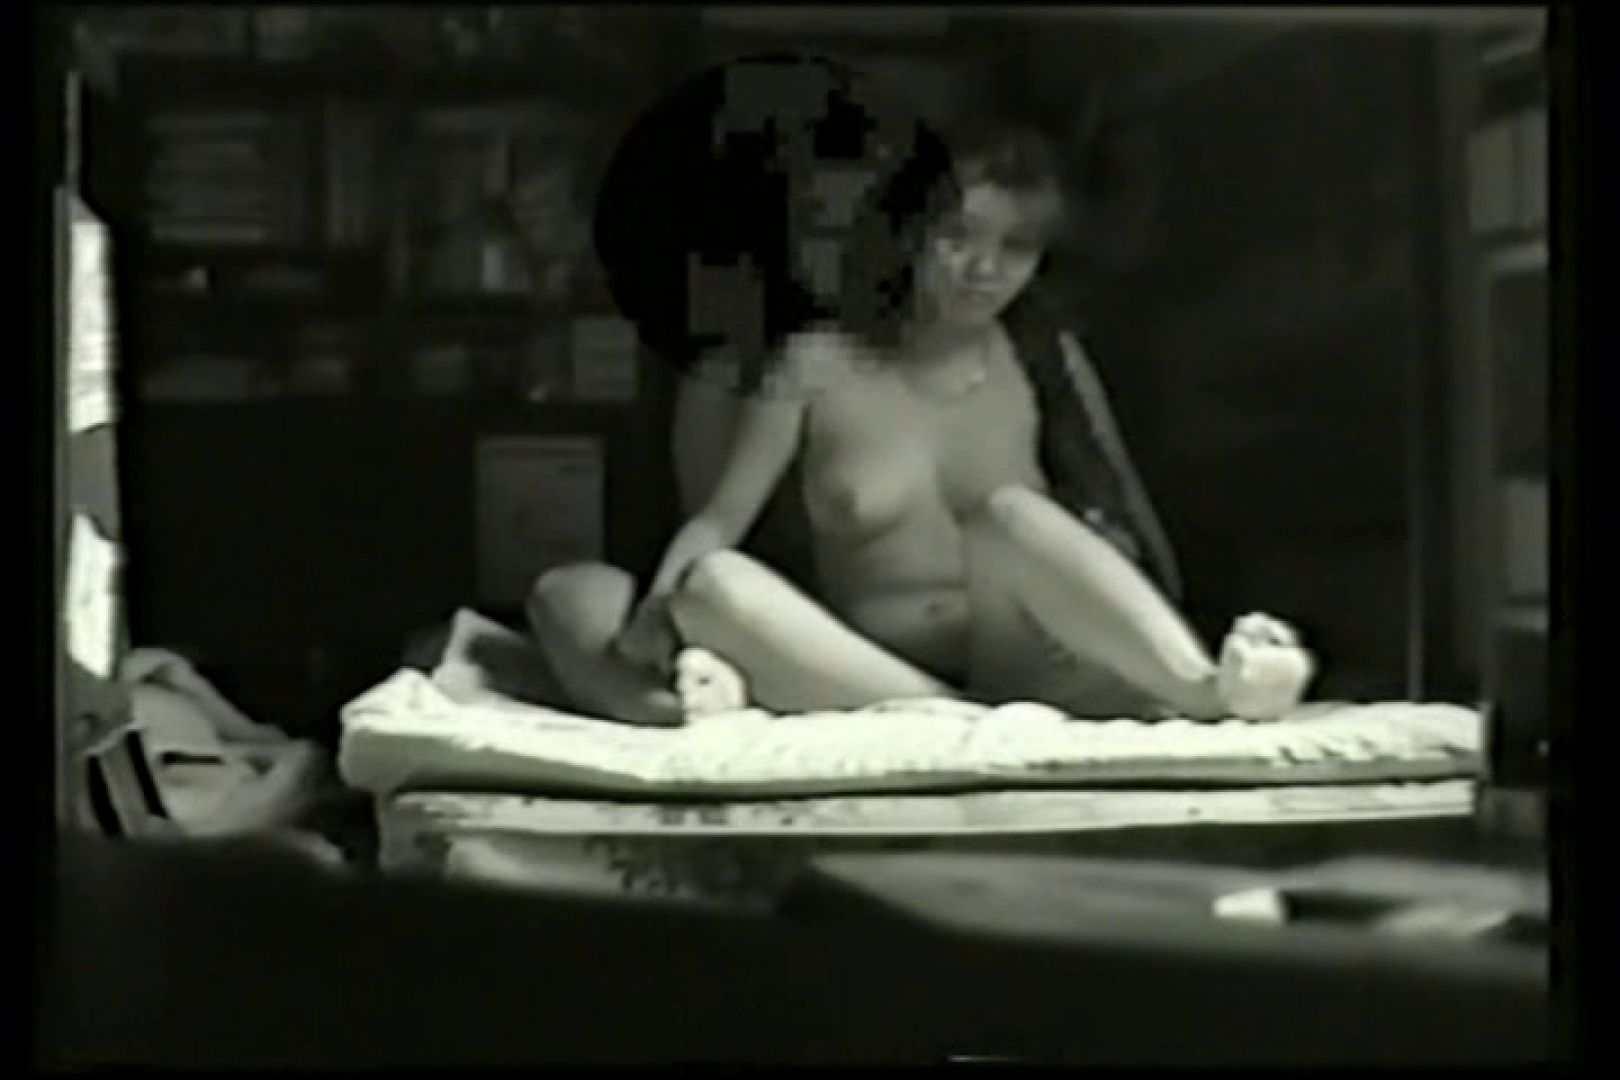 素人嬢をホテルに連れ込みアンナ事・コンナ事!?Vol.5 エロティックなOL  62画像 18